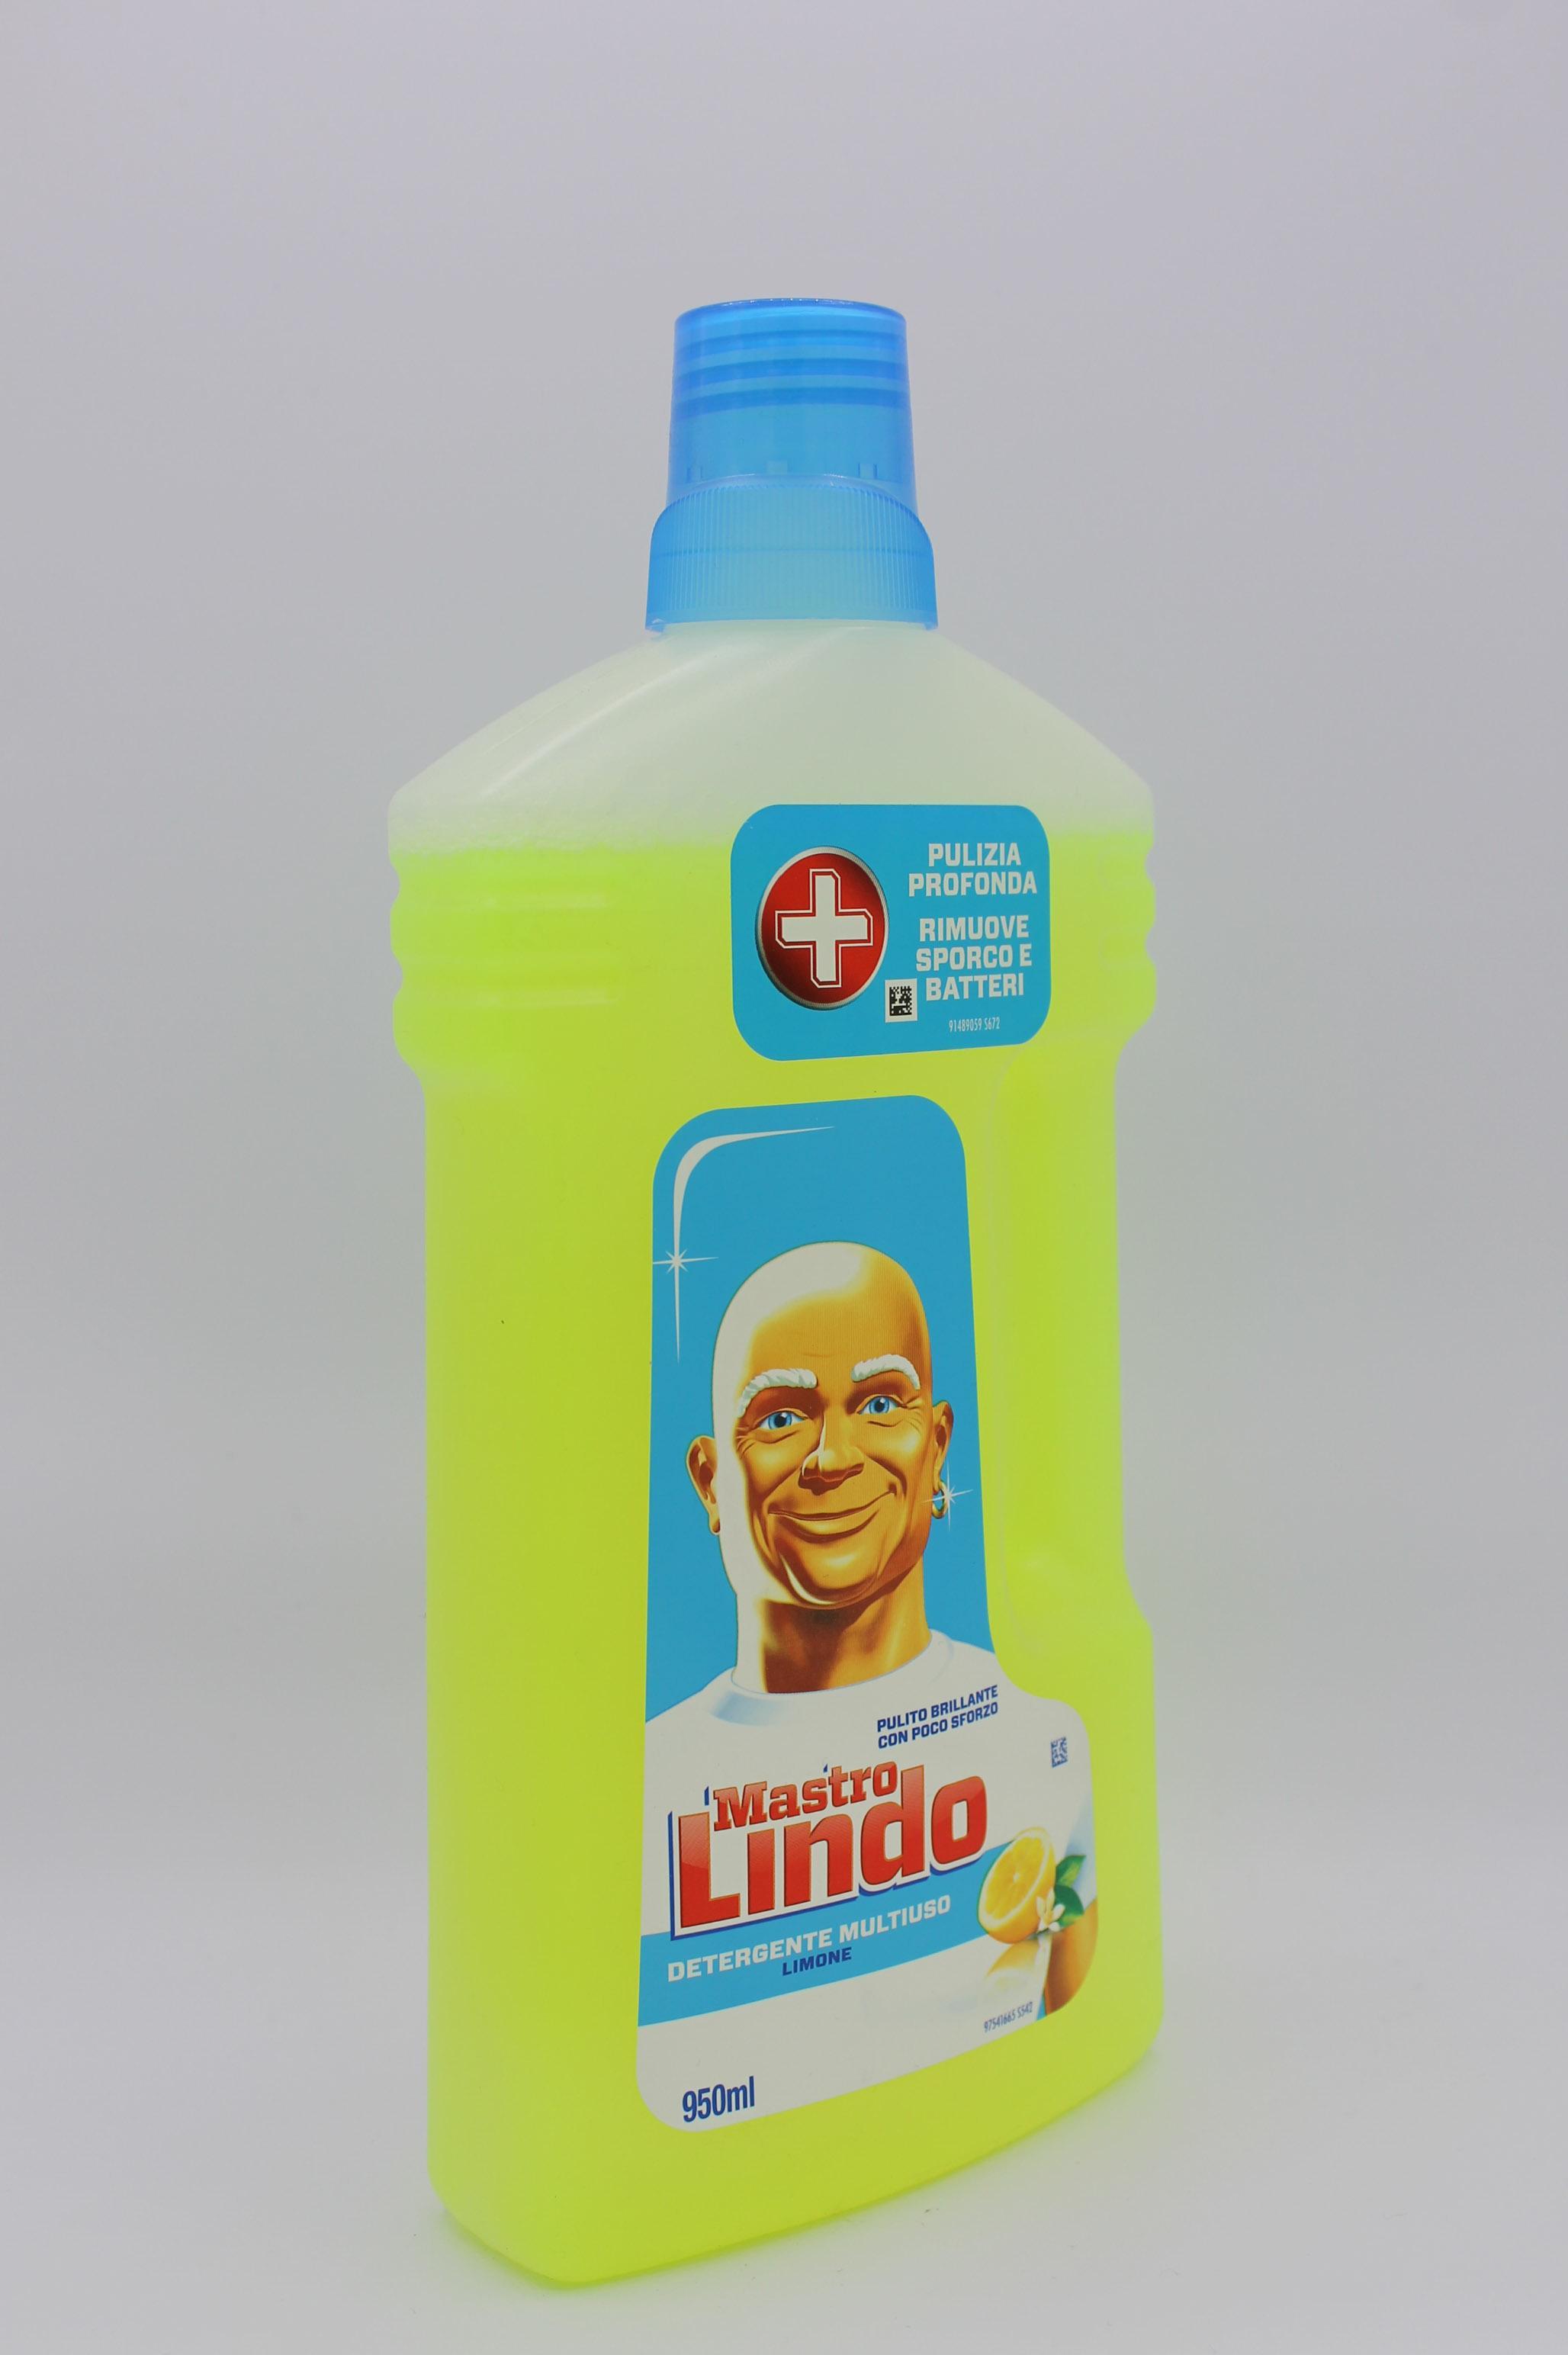 Mastro Lindo detergente liquido 950ml varie profumazioni.